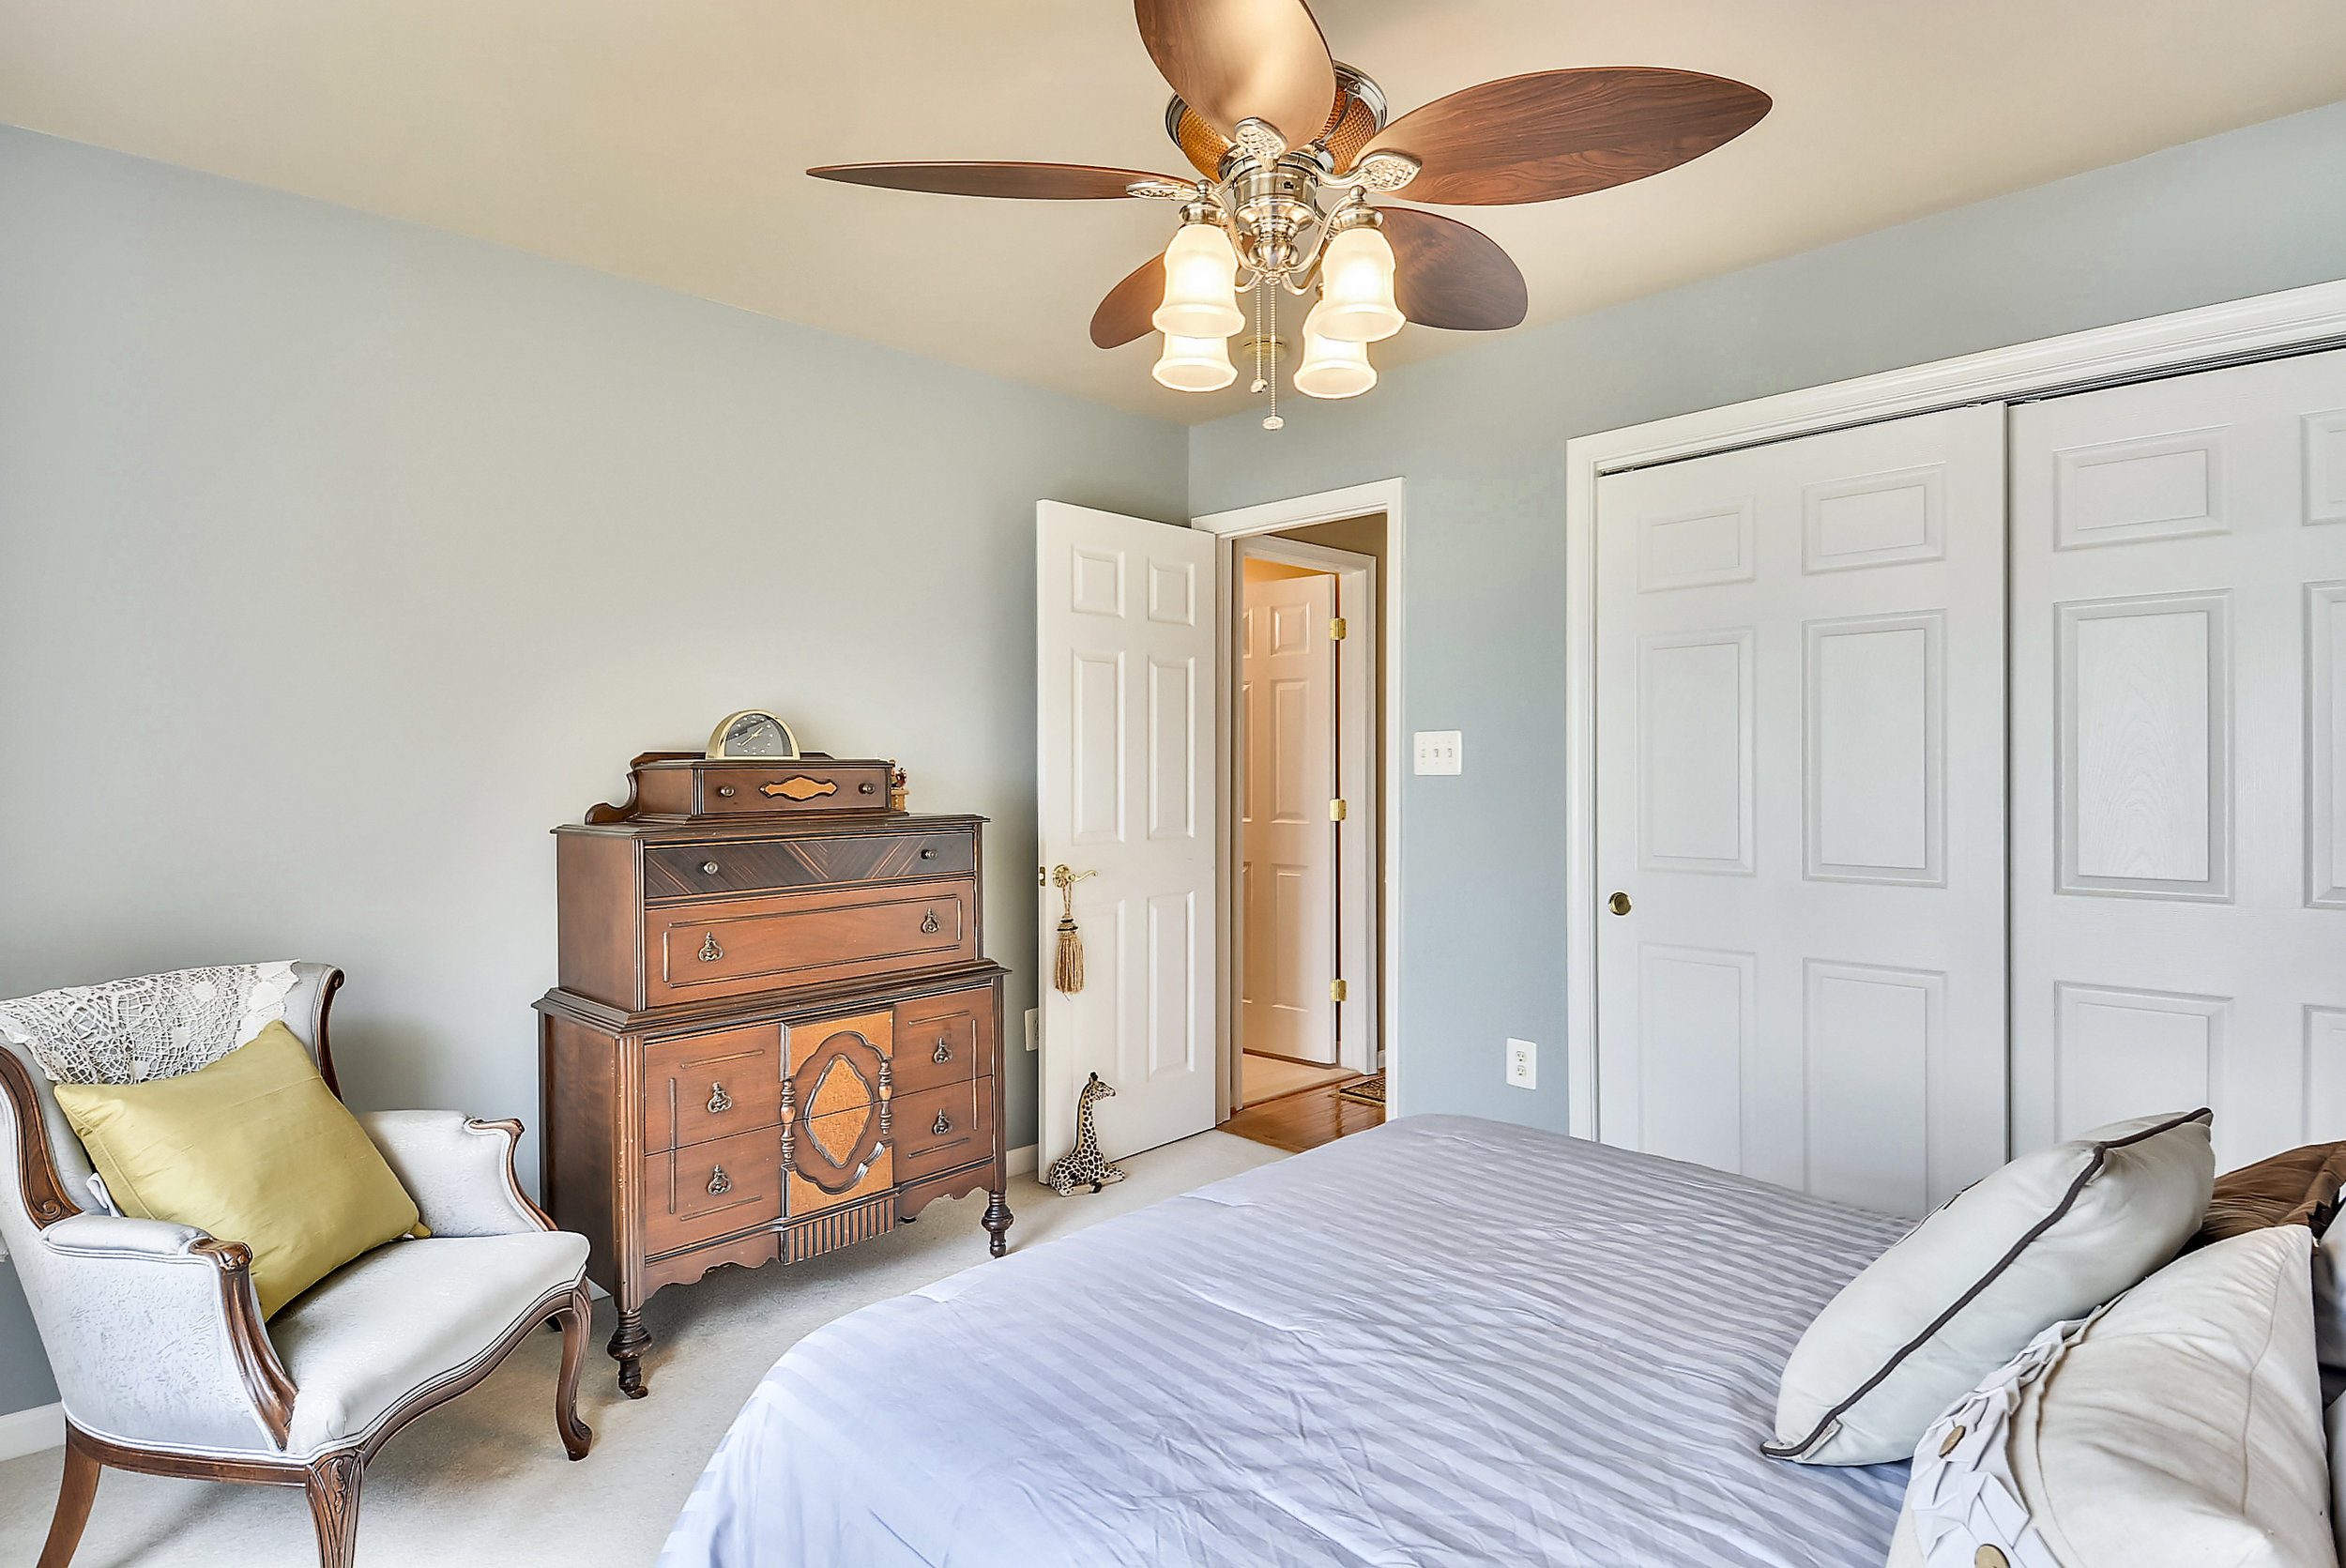 Upper Level 1-Bedroom-_DSC6555.JPG